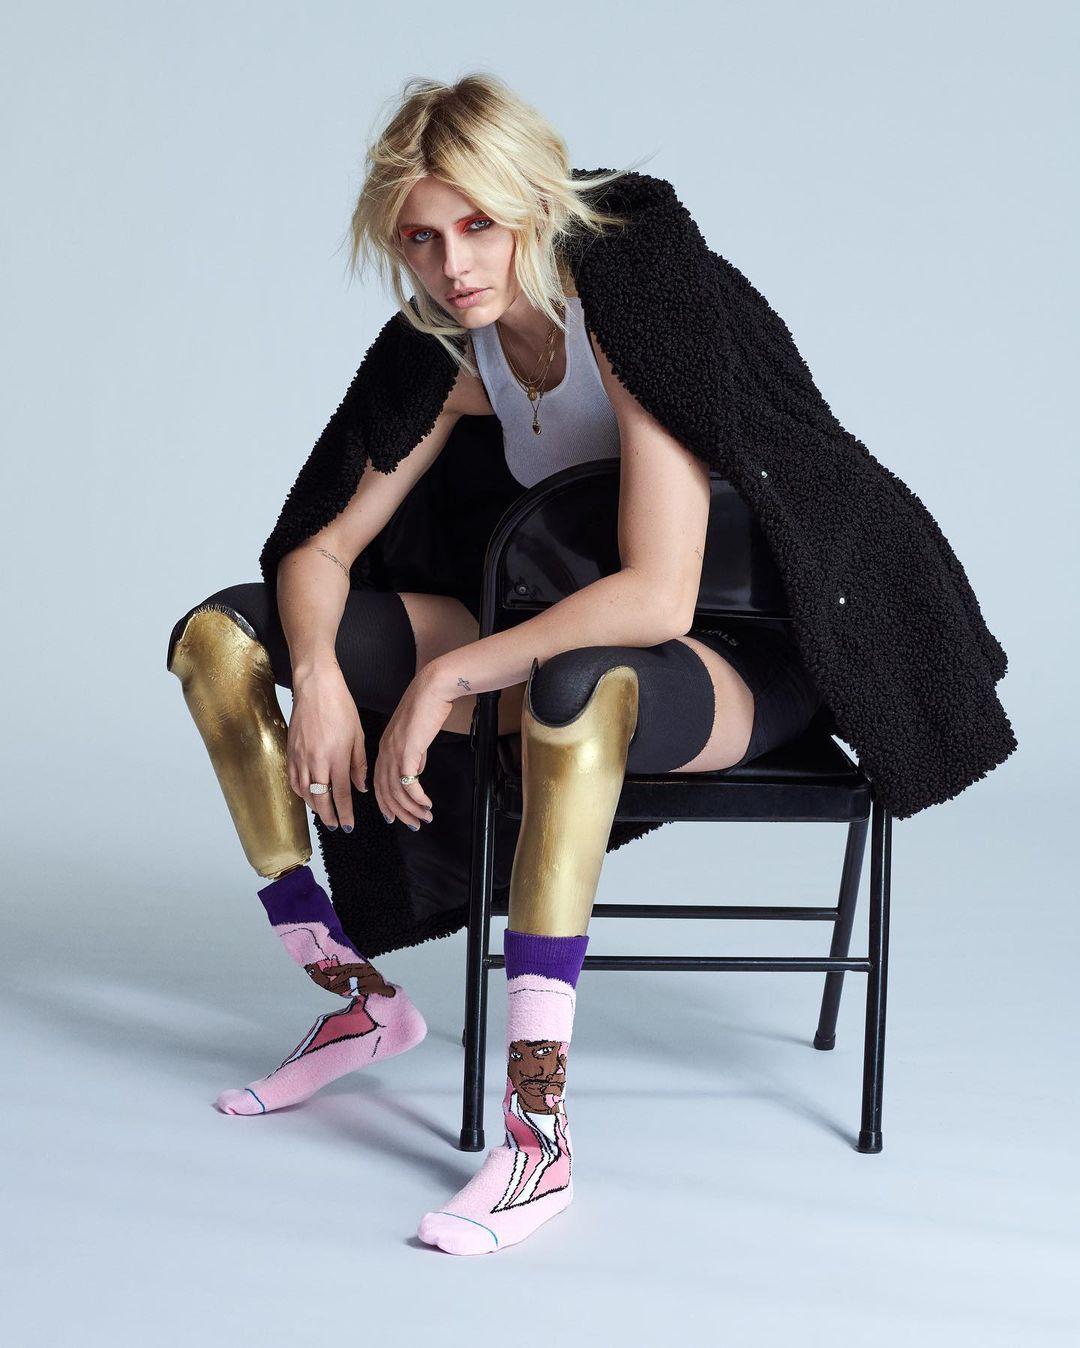 Lauren Wasser  with gold prosthetic legs